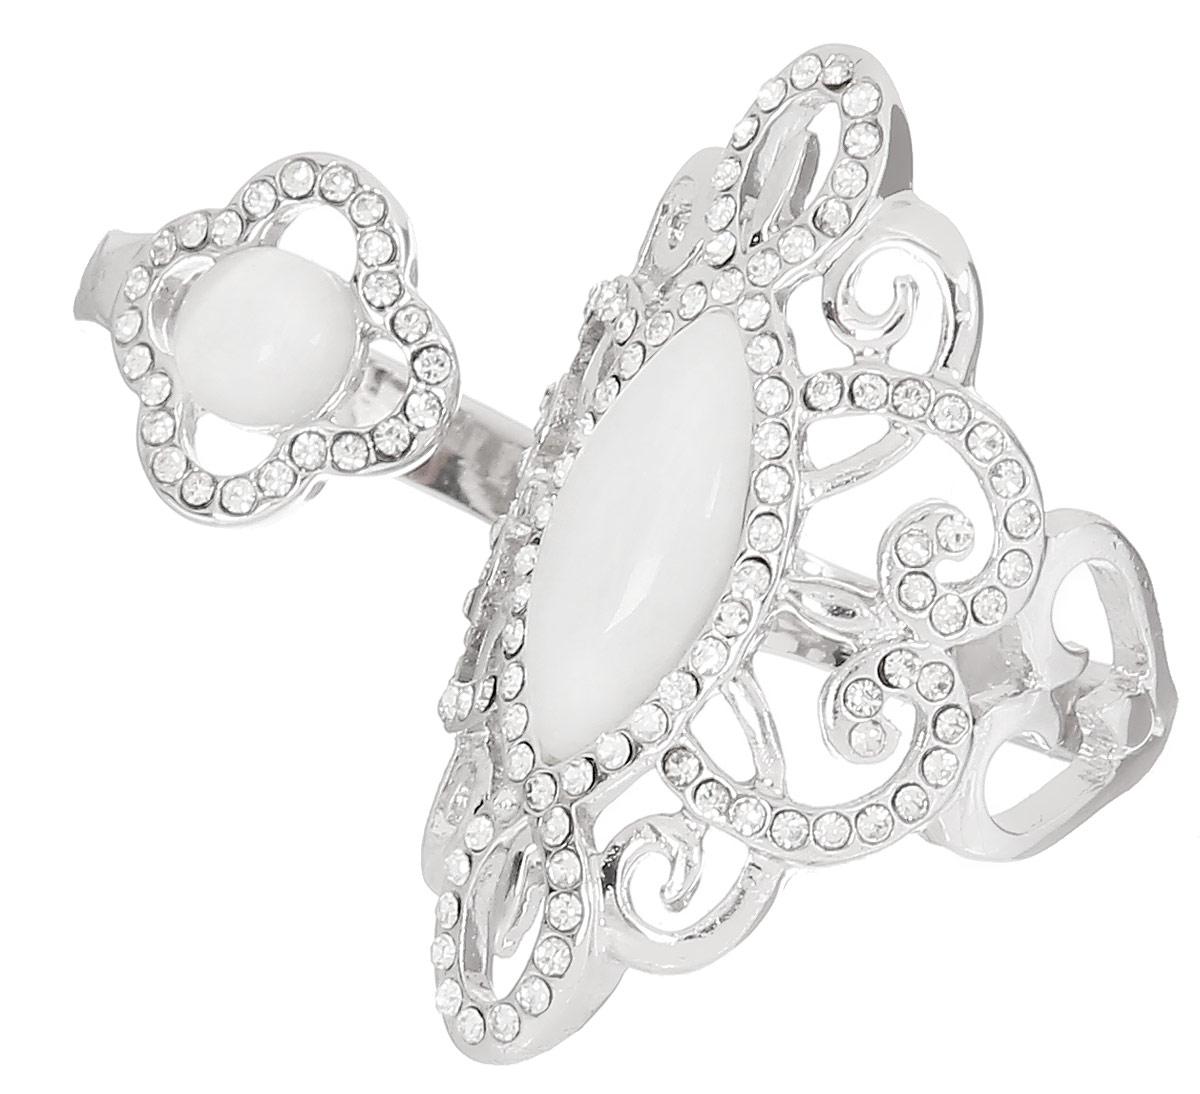 Кольцо на два пальца Art-Silver, цвет: серебристый. 069016-1319. Размер 17069016-1319Стильное кольцо на два пальца Art-Silver изготовлено из бижутерного сплава. Изделие надевается на два соседних пальца. Изделие оформлено мелкими цирконами и натуральным камнем кошачий глаз. Стильное кольцо придаст вашему образу изюминку и подчеркнет индивидуальность.